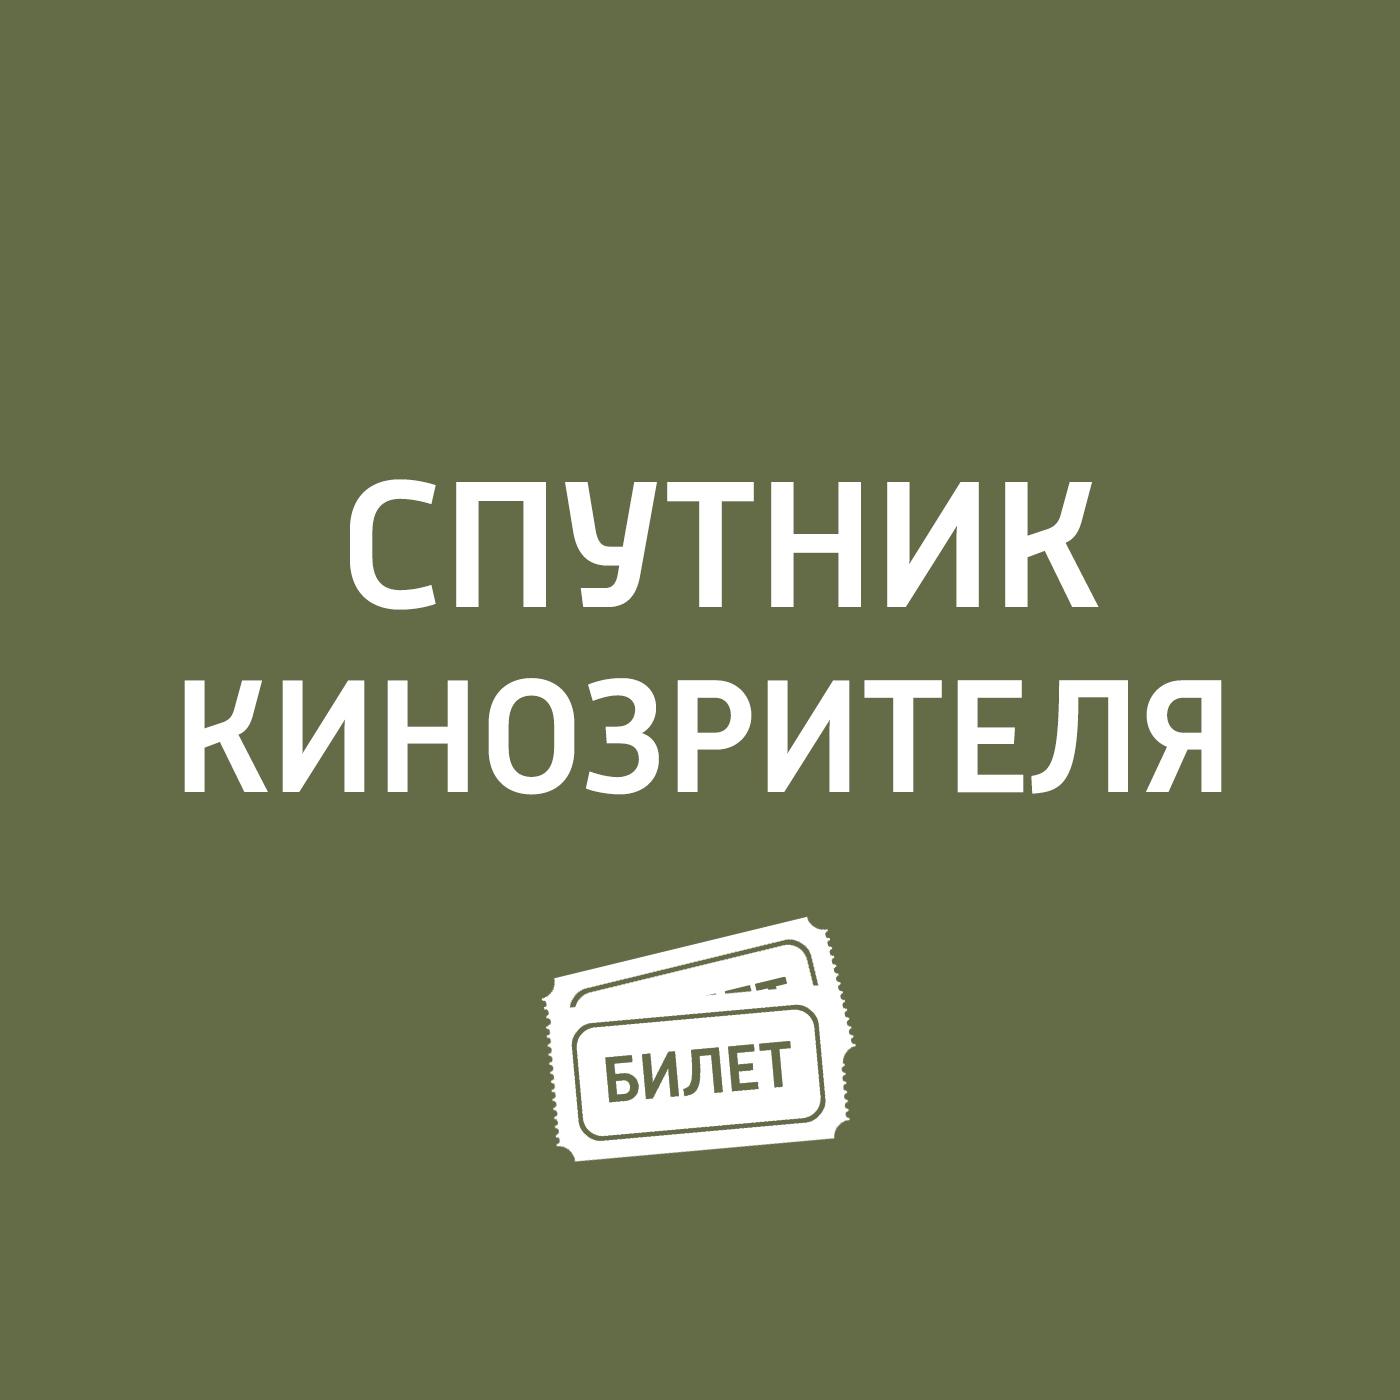 цена на Антон Долин Об итогах Венецианского кинофестиваля